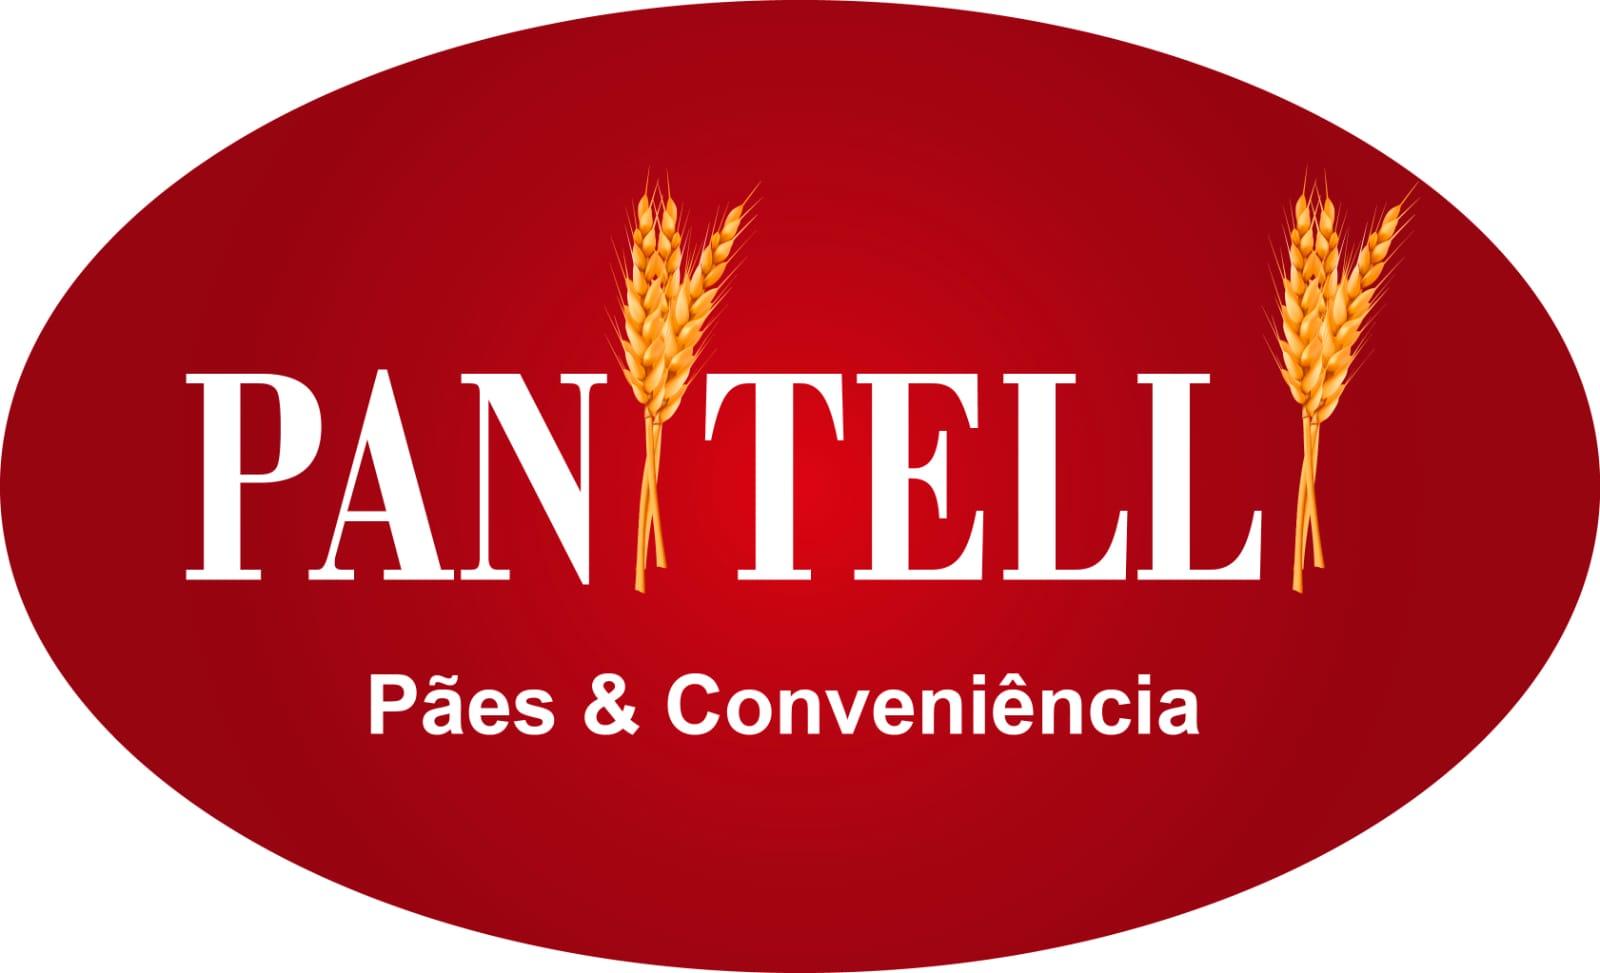 Pantell_padaria